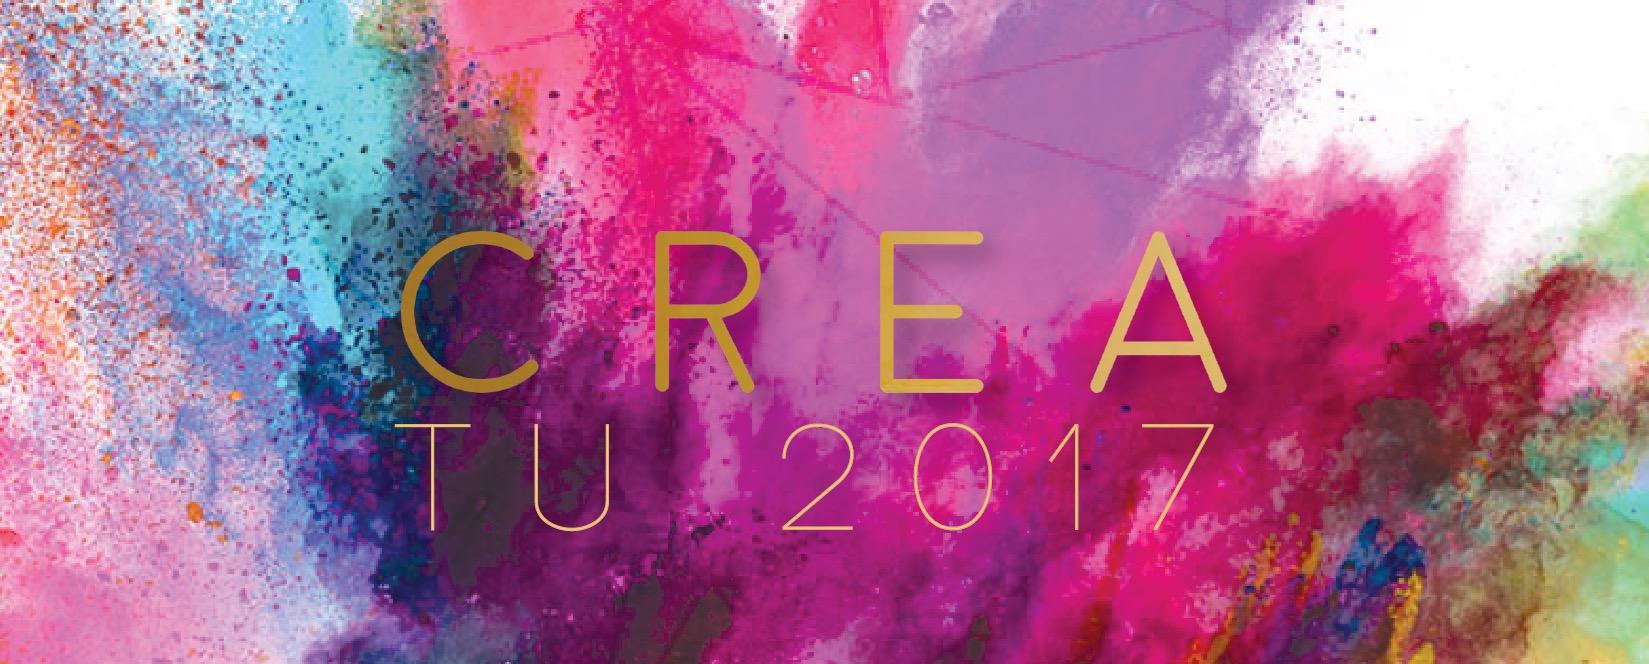 Creatu2017cover